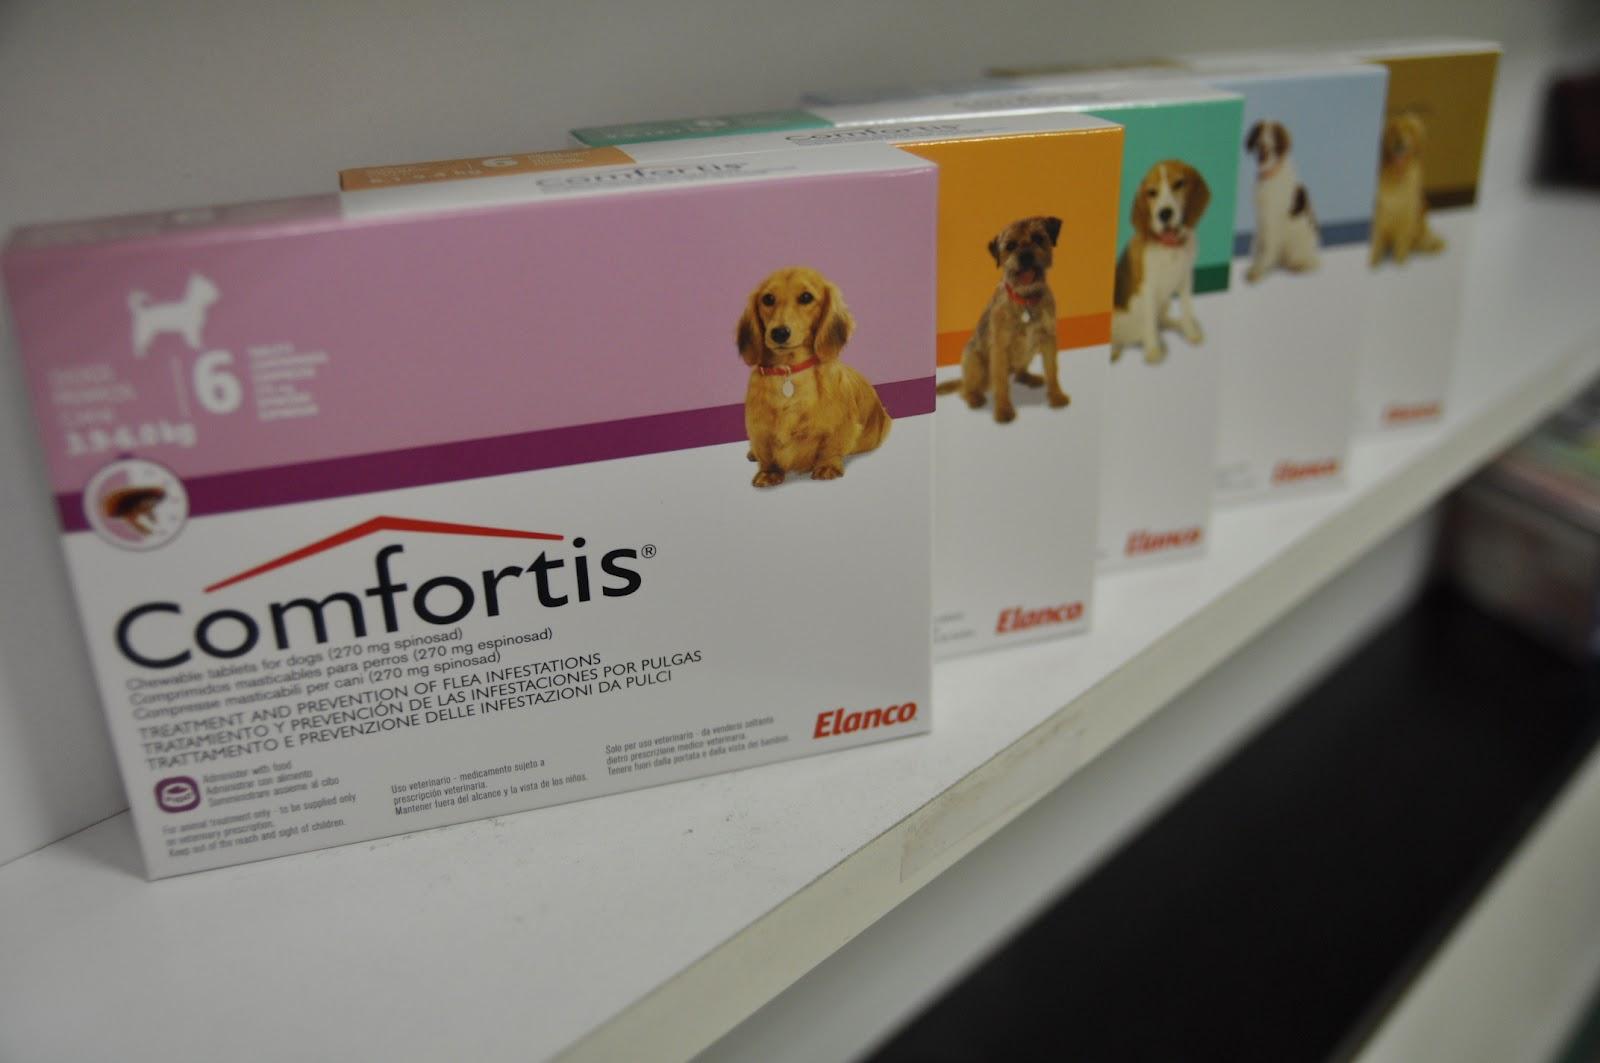 Clinica veterinaria aparici feal problemas con las - Matar pulgas en casa ...